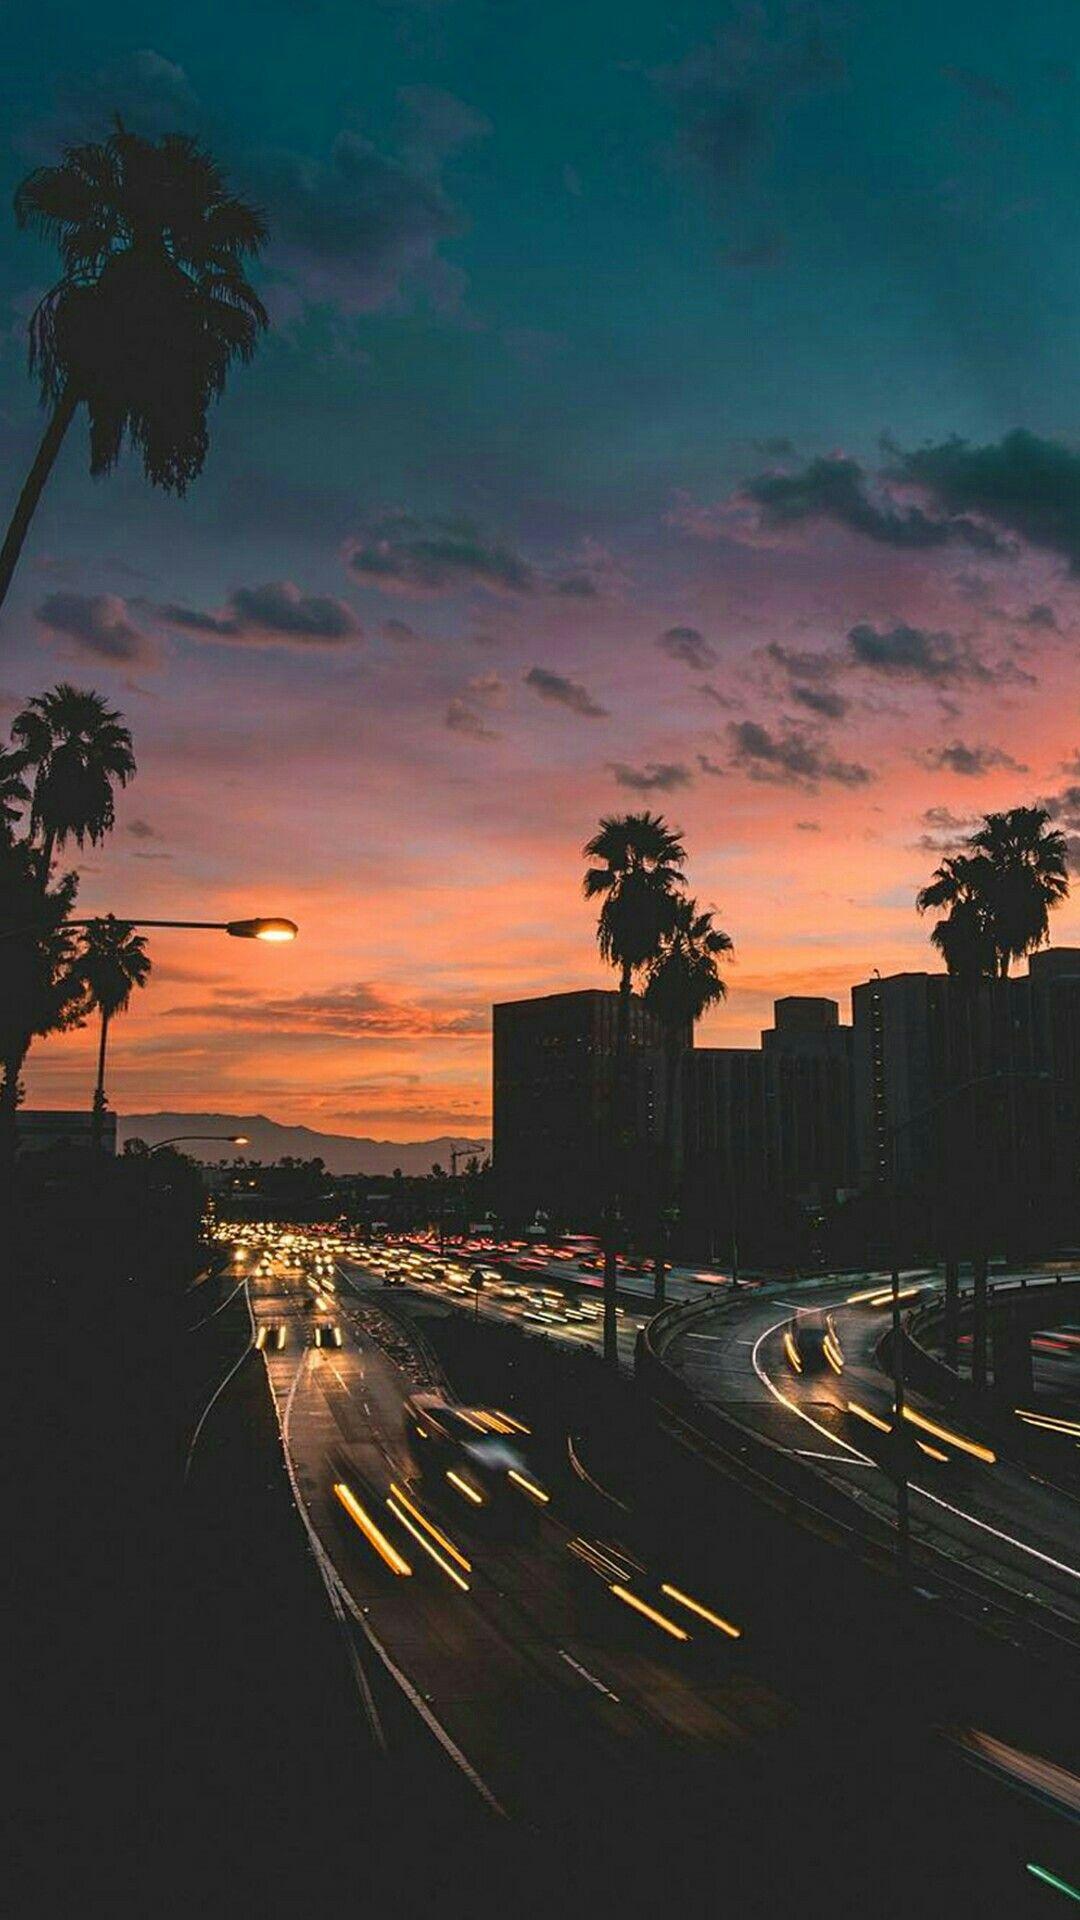 Paisagem, noite, city Fotografia de paisagem, Fotos de